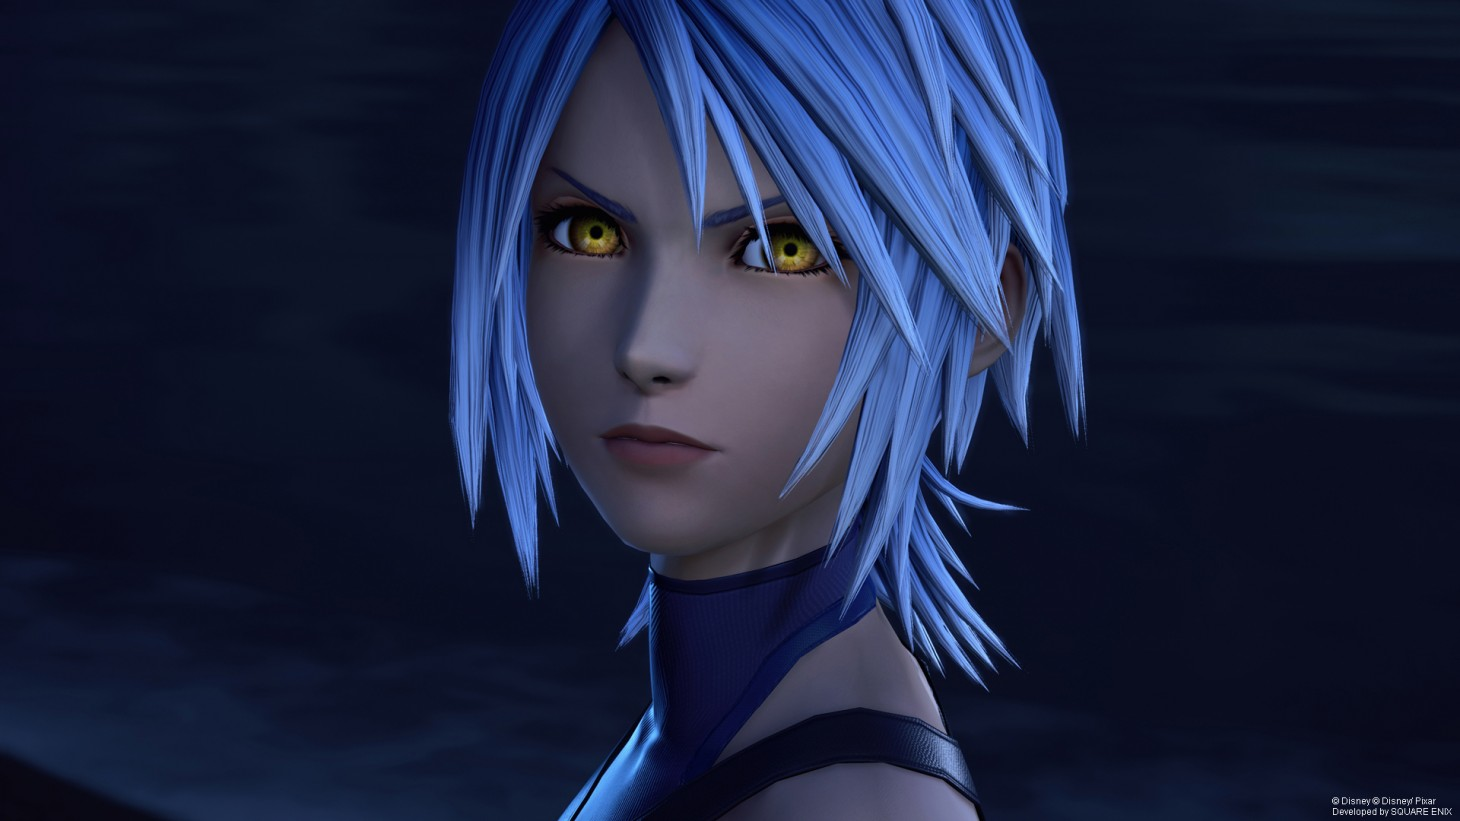 Nomura On Kingdom Hearts III's Final Fantasy Characters, Aqua's